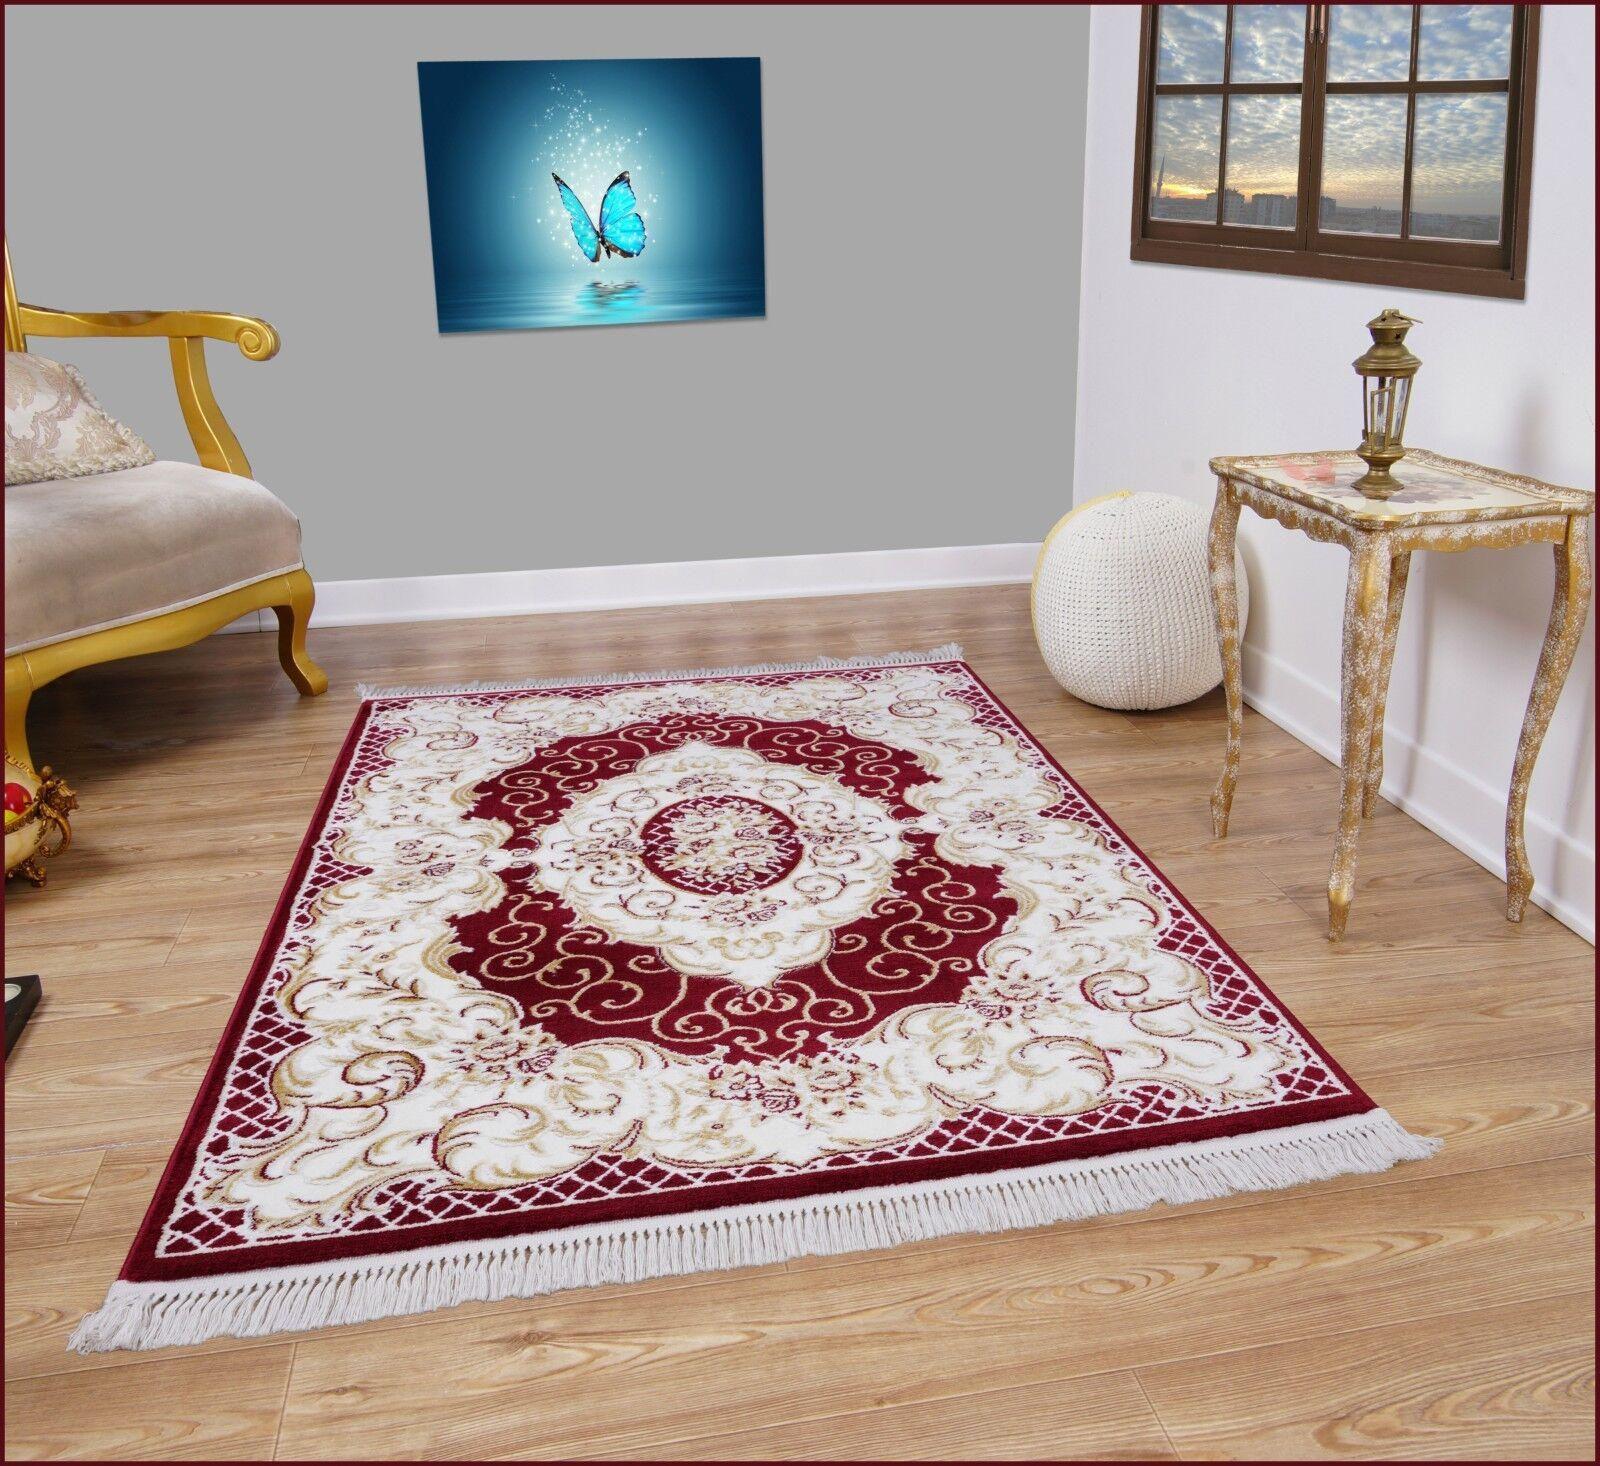 Décoratif Doux Tapis Tapis Traditionnel Oriental zone Chambre Tapis Tapis Doux De Sol profondeur 1.2 cm 24fd92